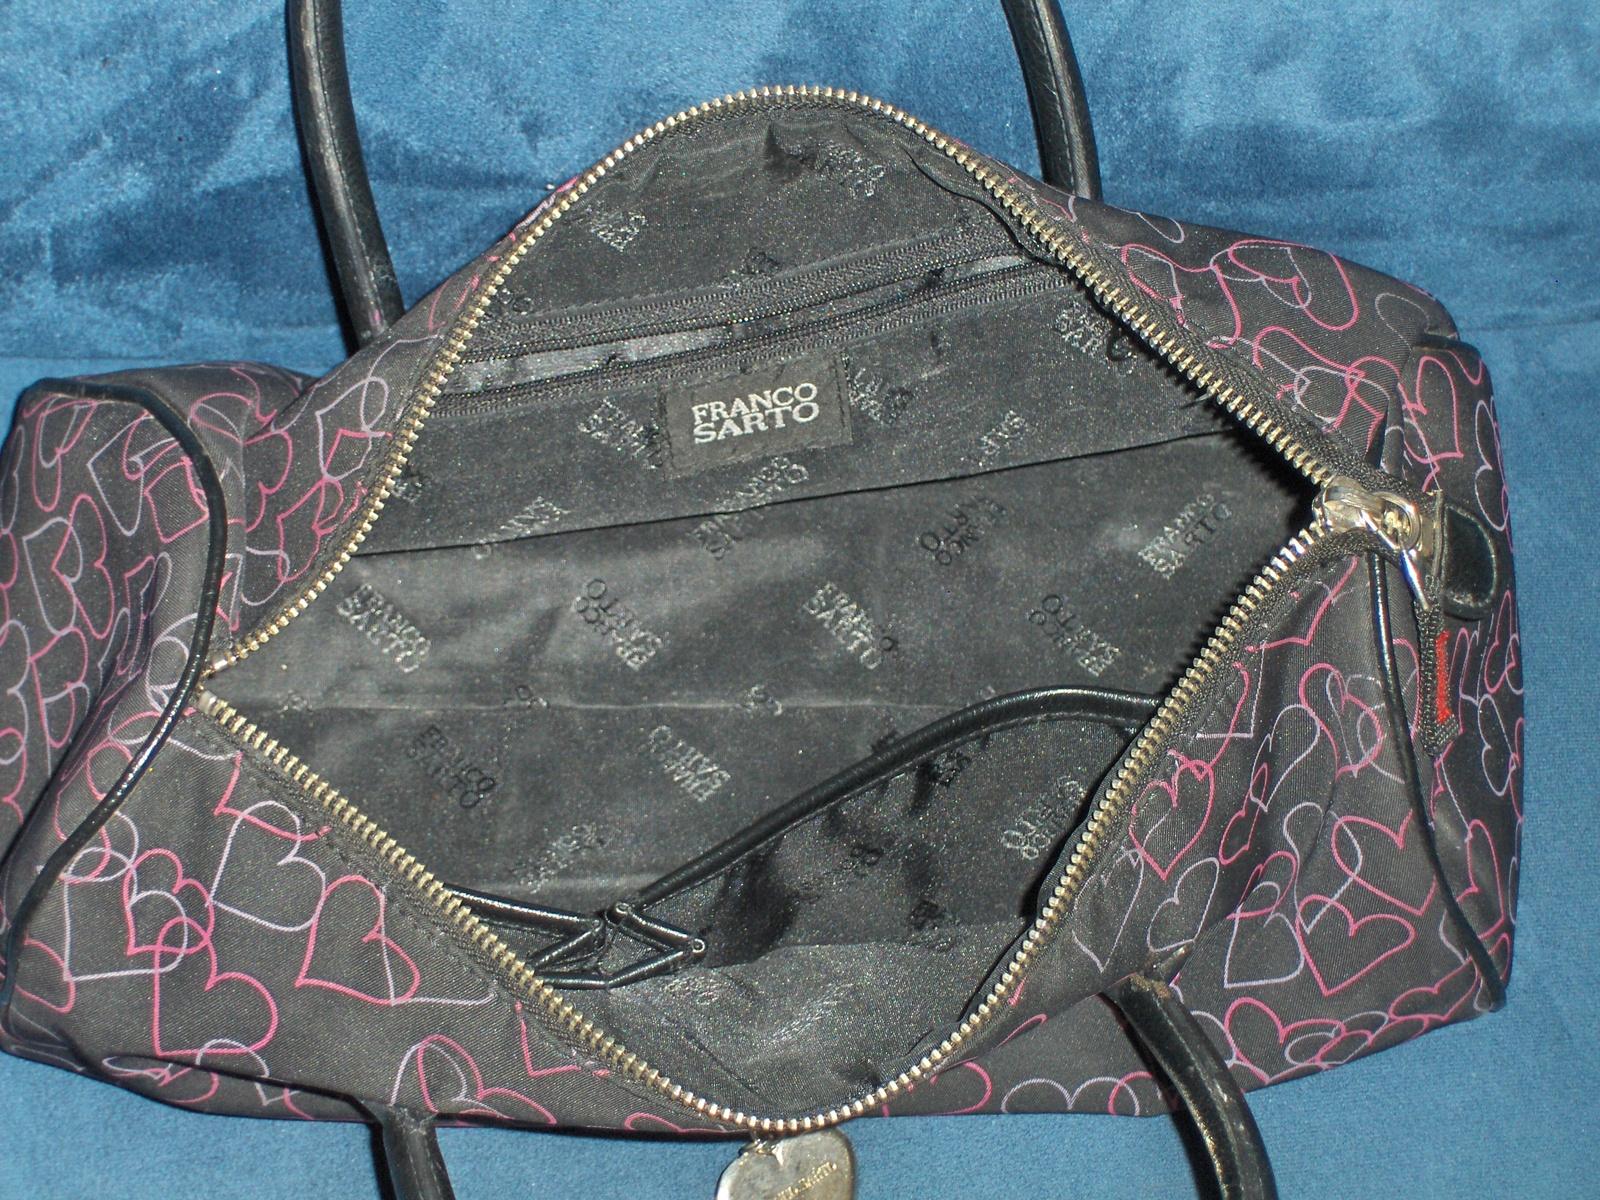 Franco Sarto Hearts Handbag Purse